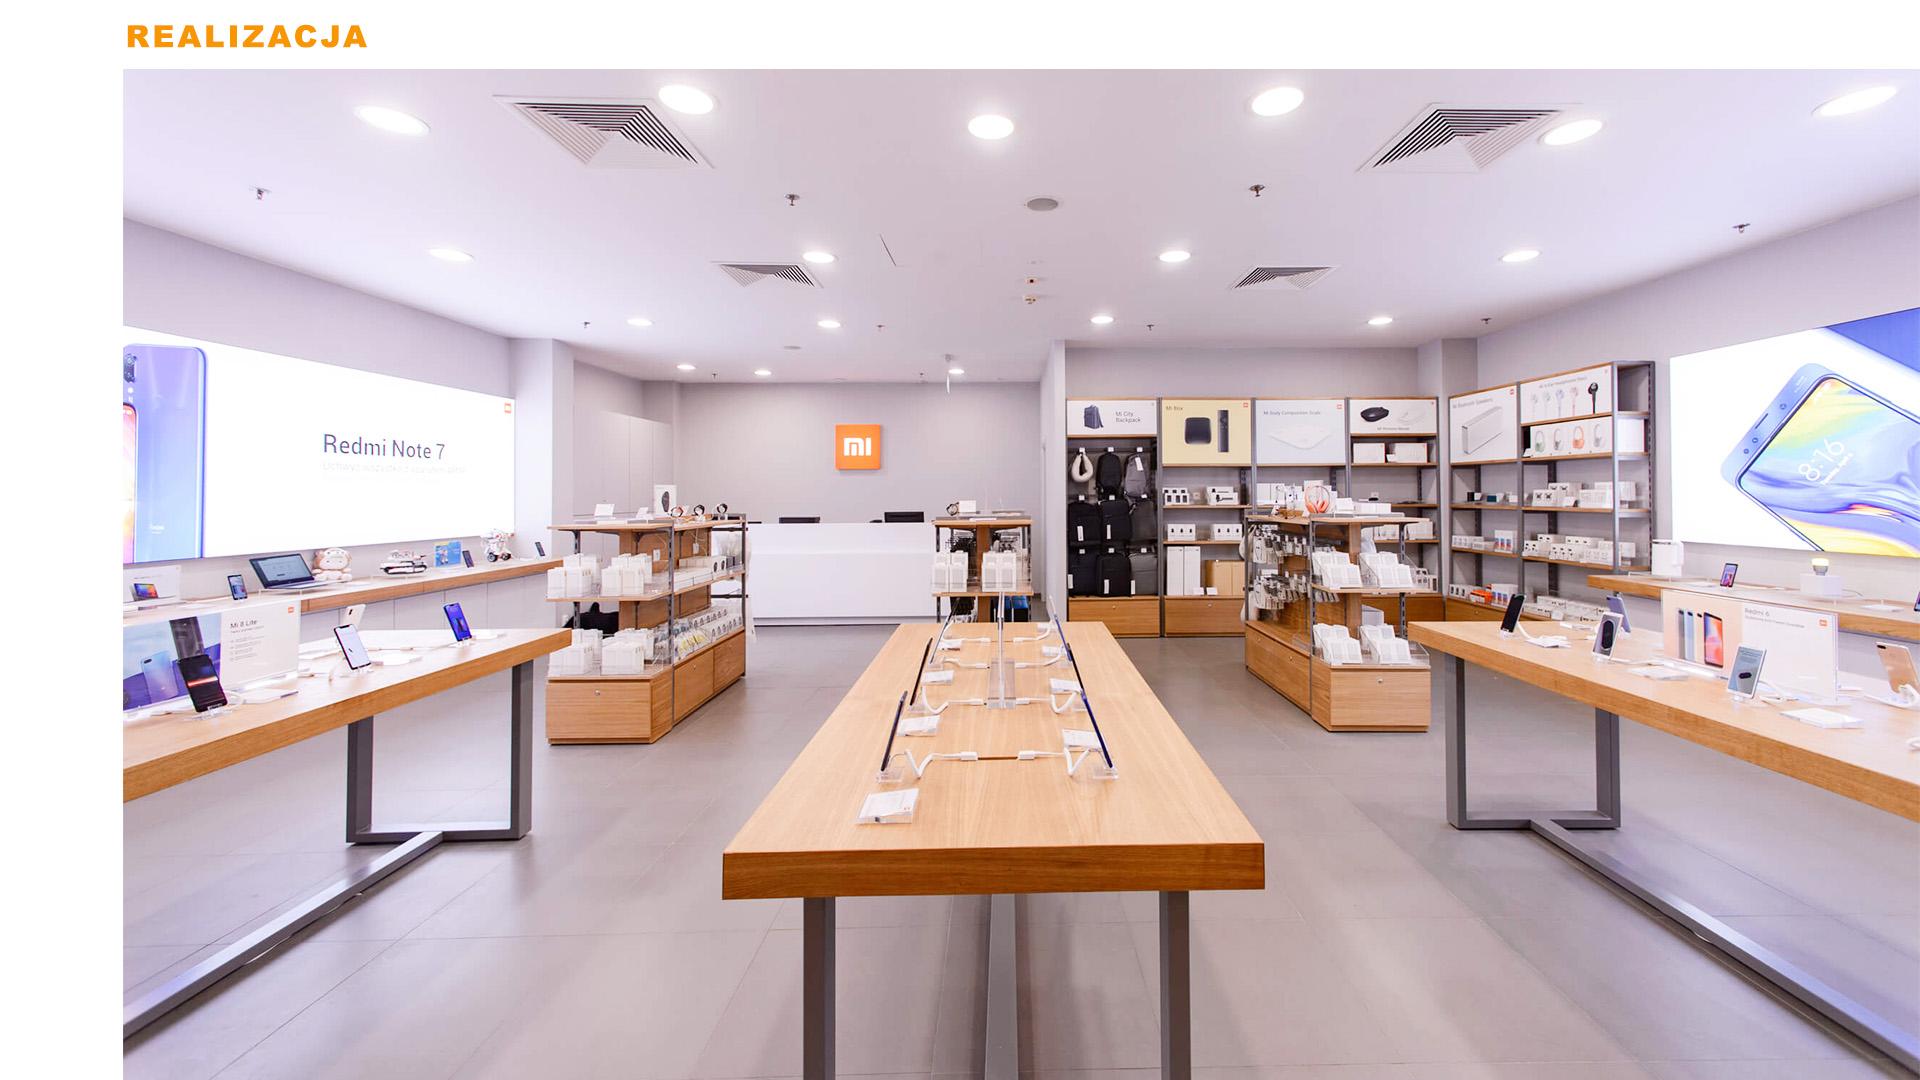 Mi-Store - Kraków - Galeria Krakowska - realizacja